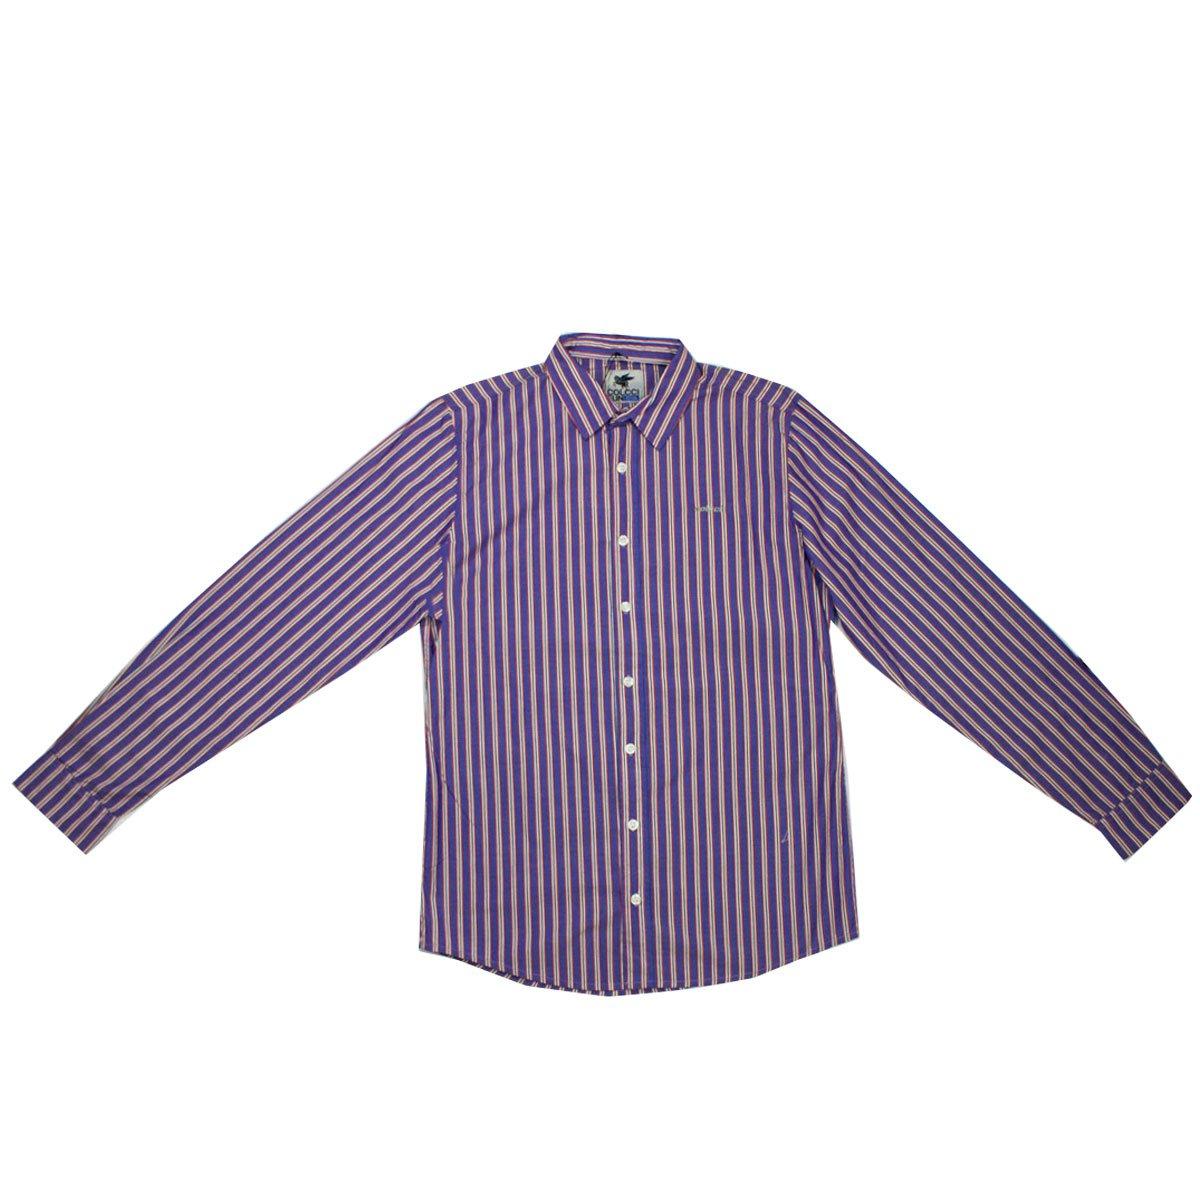 cce57f490 Bizz Store - Camisa Juvenil Masculina Colcci Fun Listrada